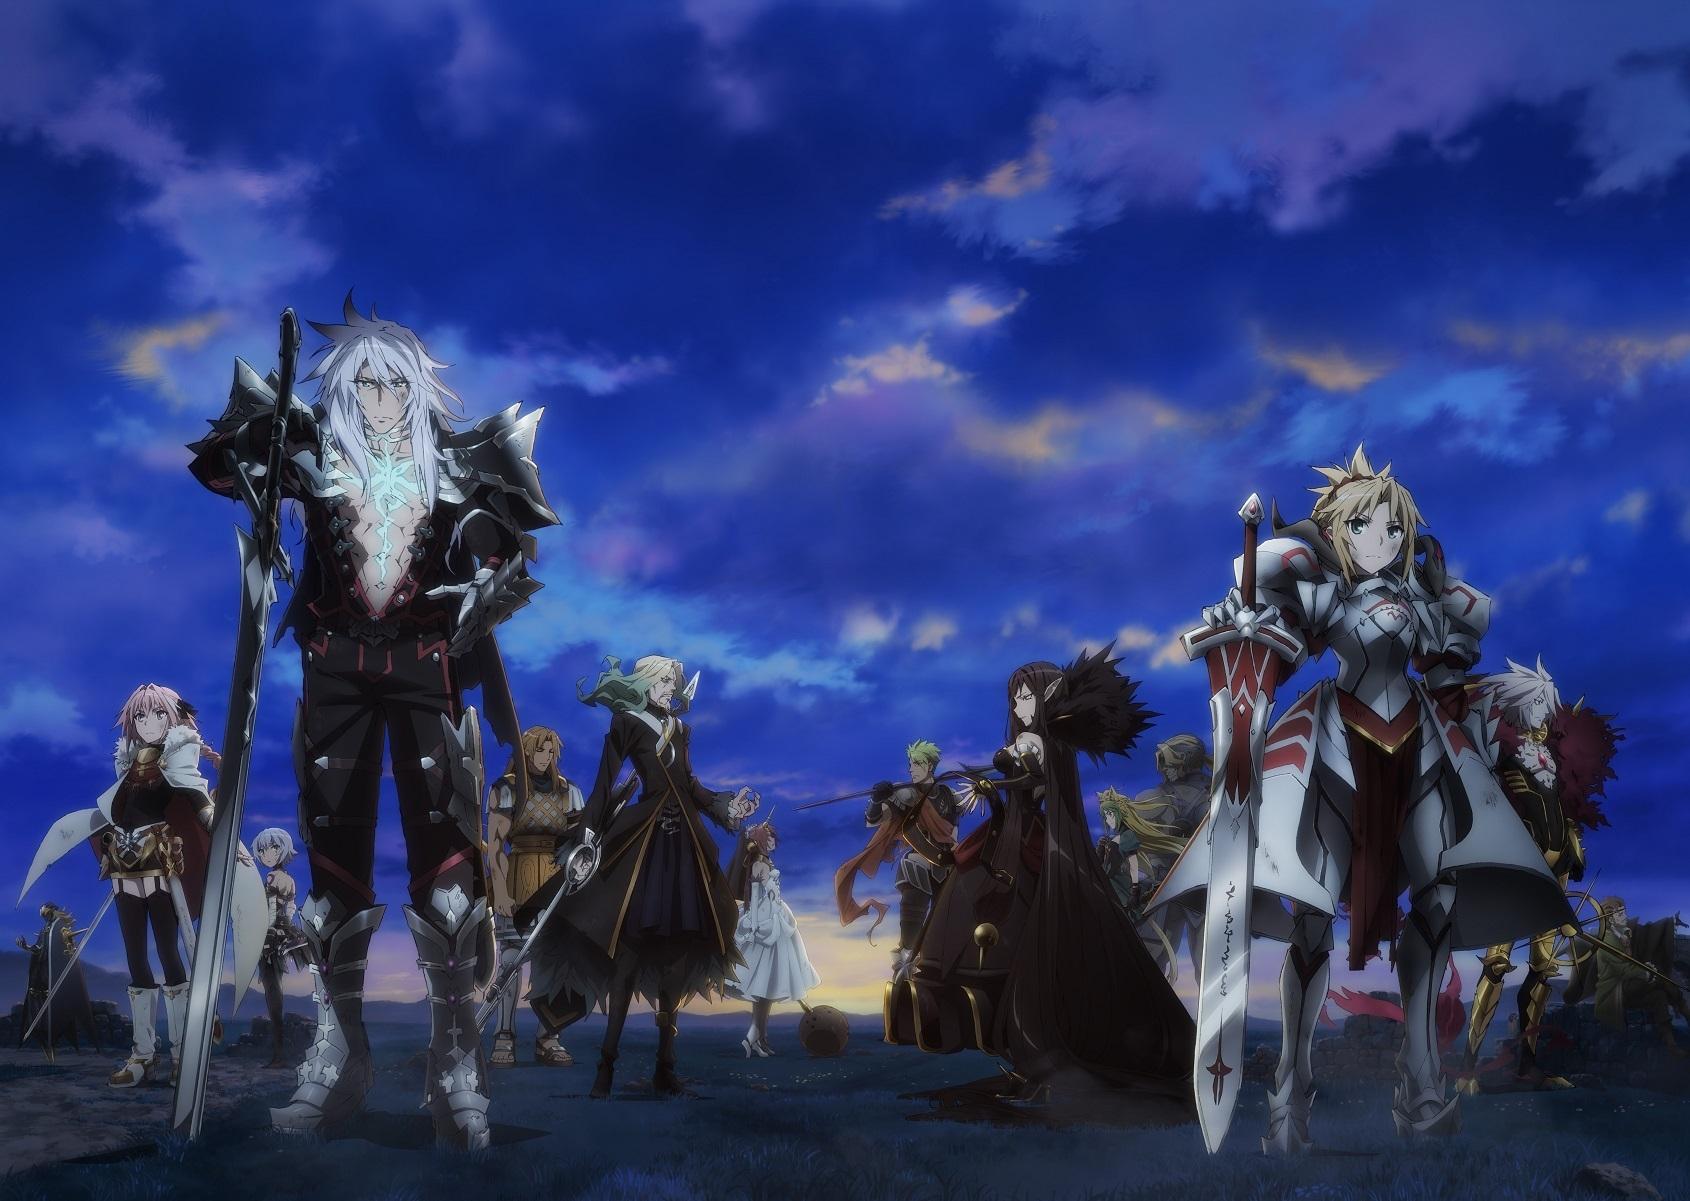 『Fate/Apocrypha』第一弾ビジュアル (C)東出祐一郎・TYPE-MOON / FAPC